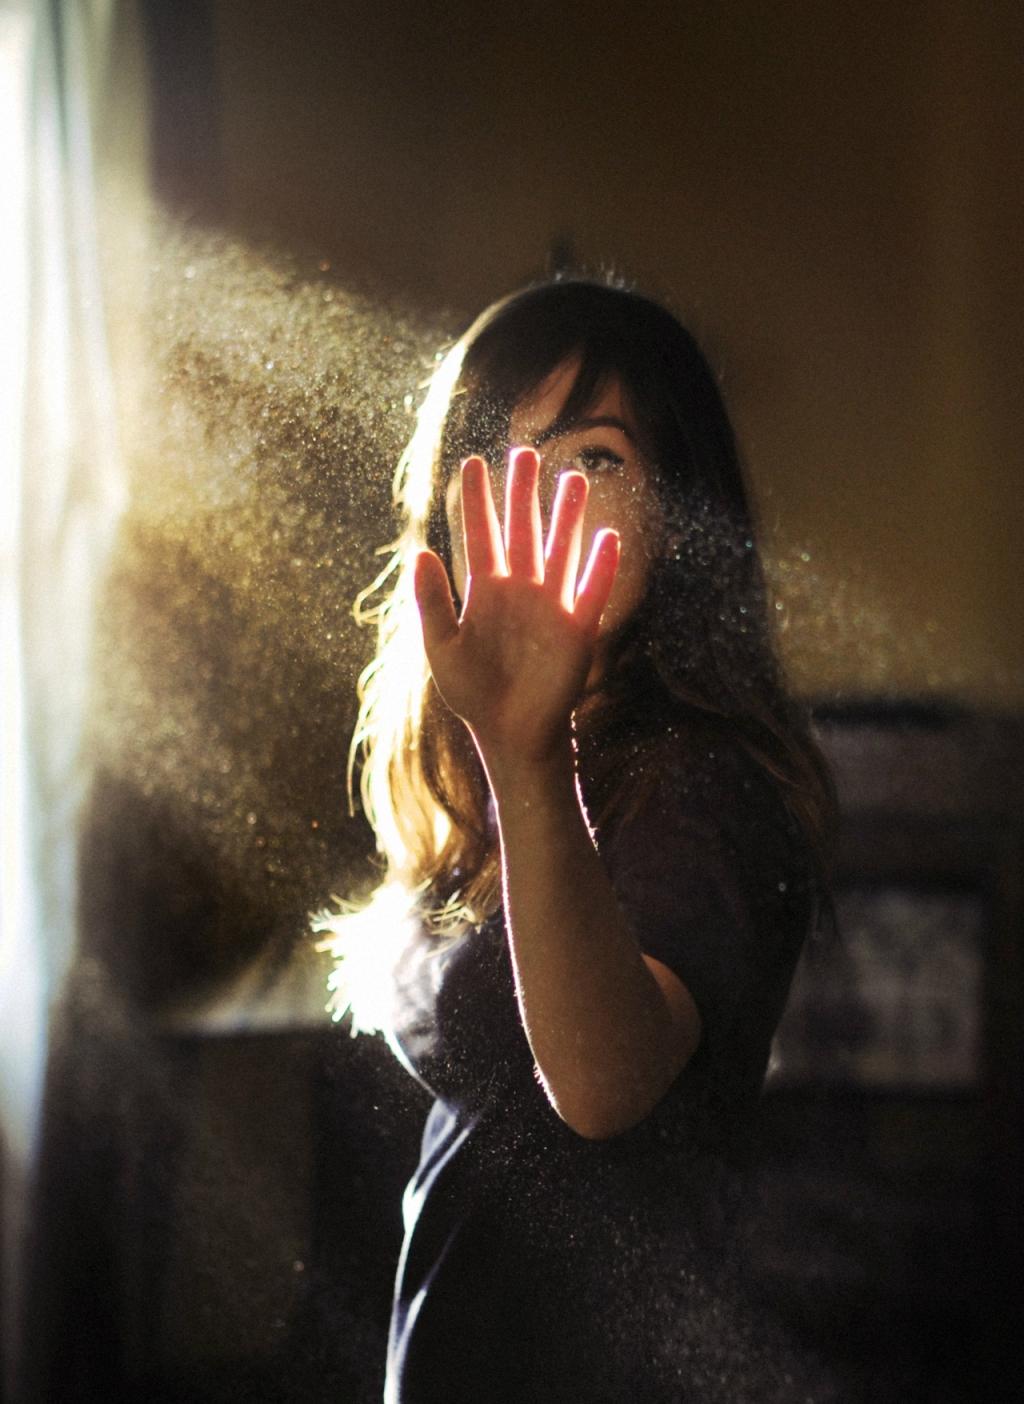 Mulher com a mão estendida para receber um raio de luz que entra pela janela